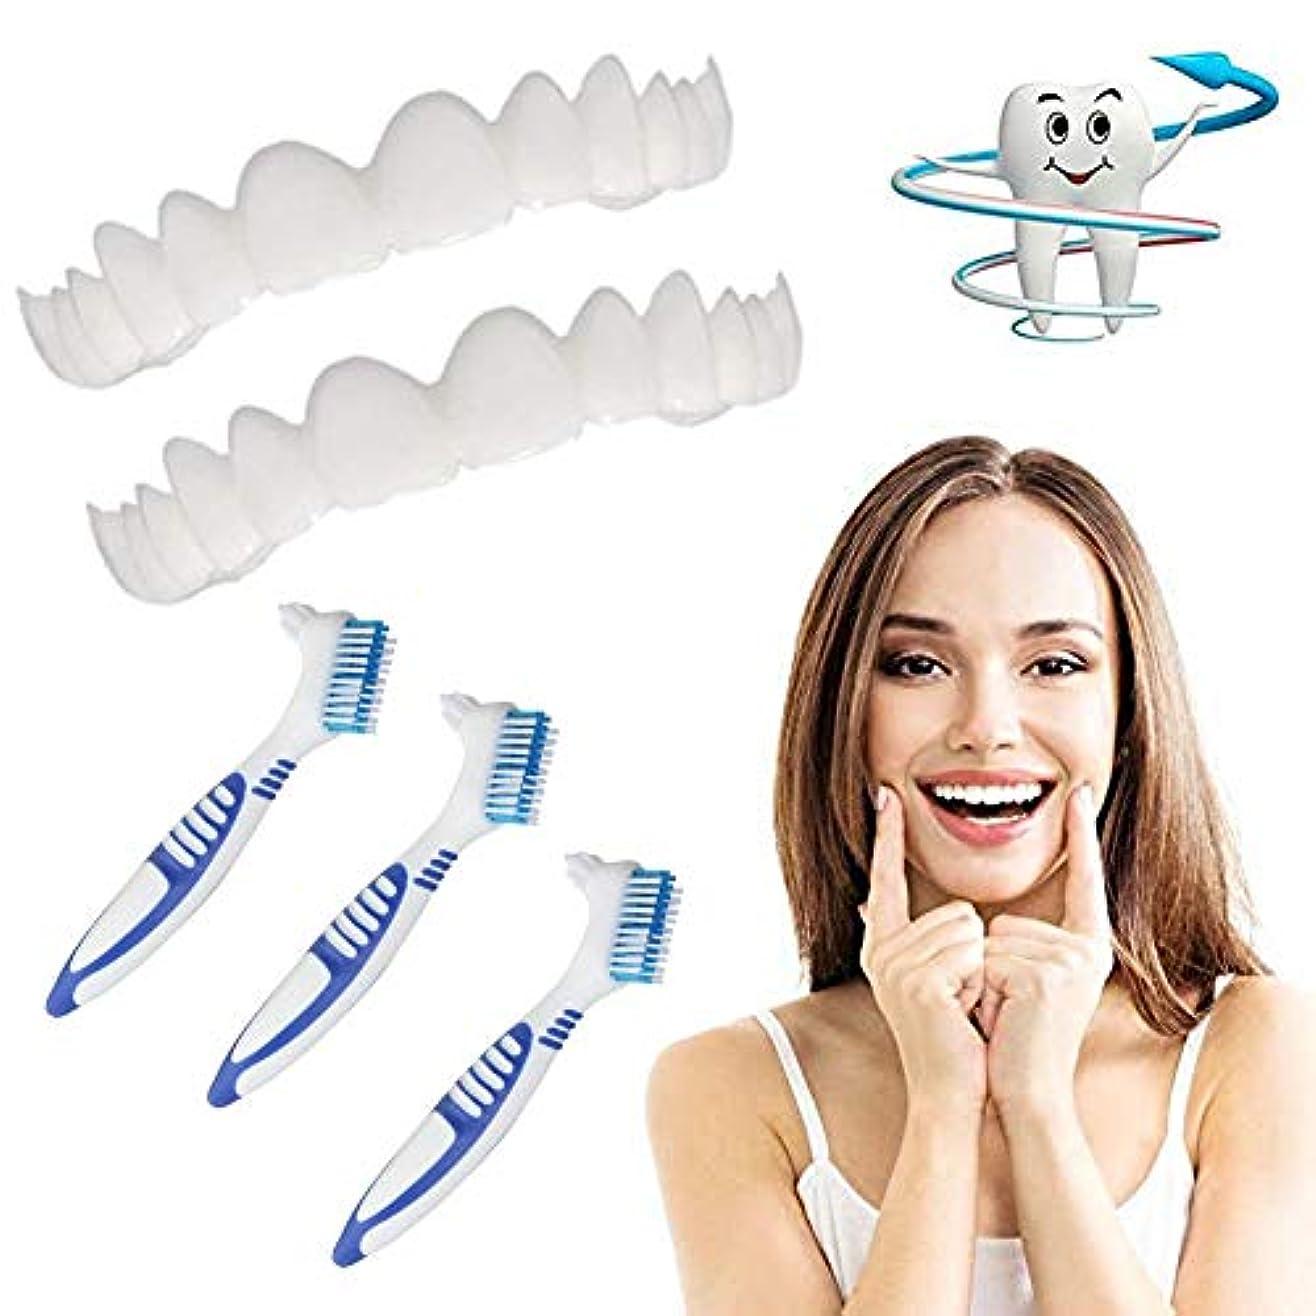 最後の円周ジャンプする3pcsの大人のスナップ下の歯のパーフェクトスマイルホワイトニング義歯フィットフレックス化粧歯快適なベニヤカバーデンタルケアアクセサリー